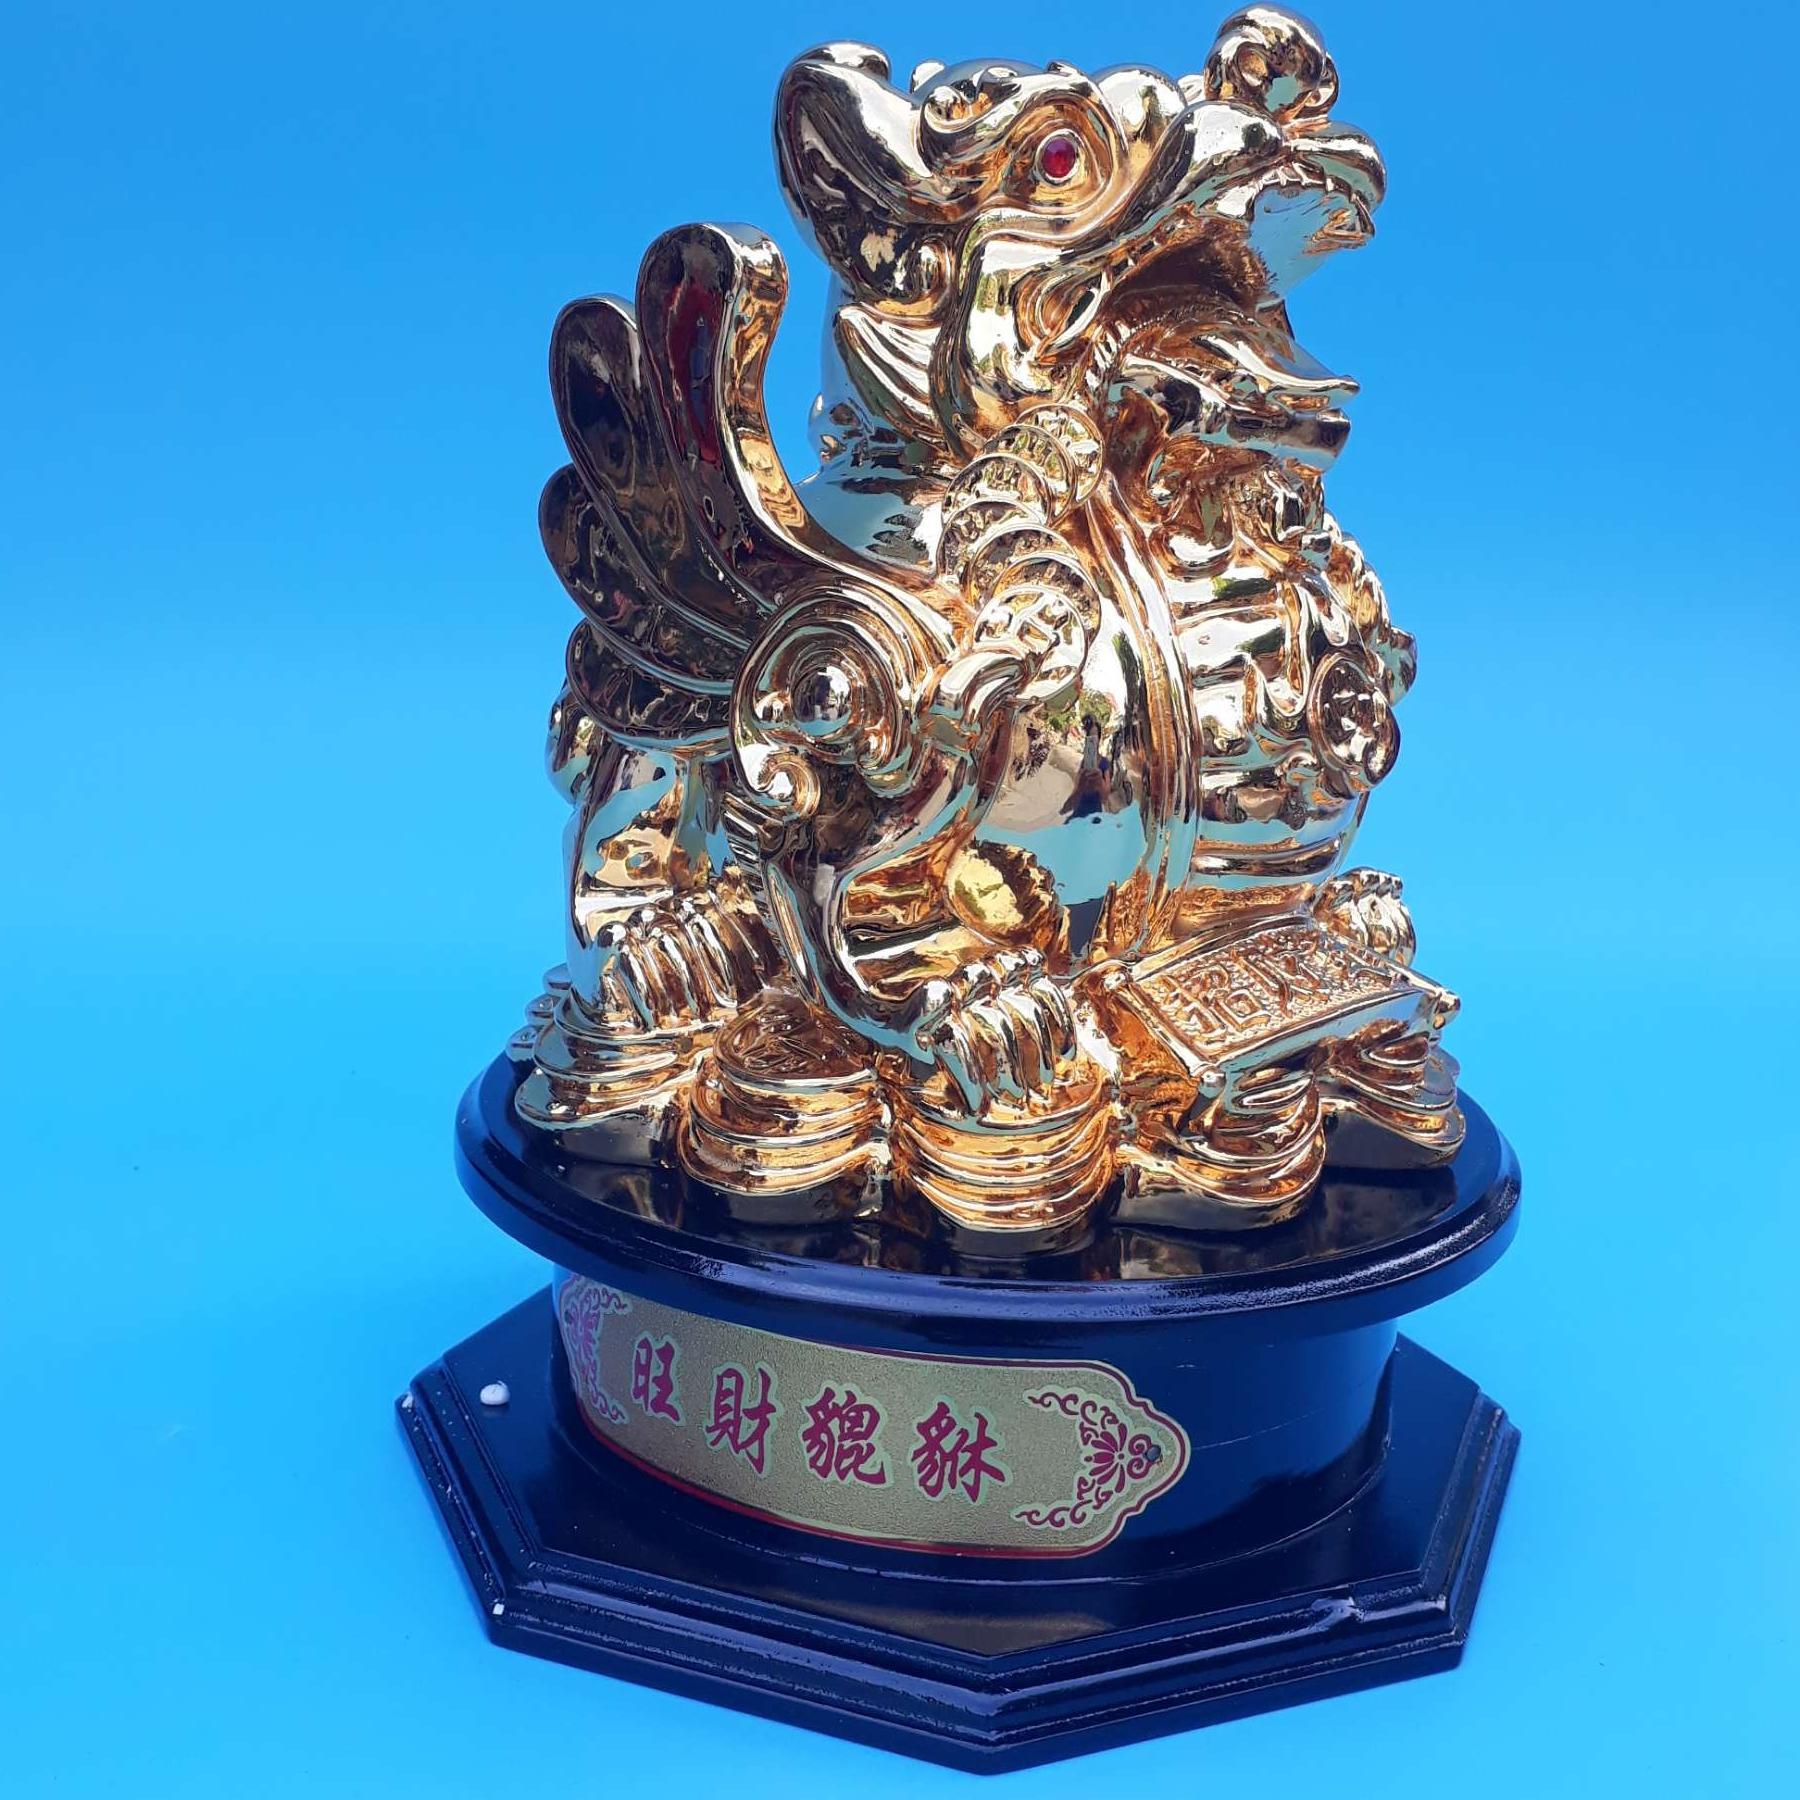 Tỳ hưu phong thủy để bàn -  trấn trạch, chiêu tài lộc - 18 cm -vàng